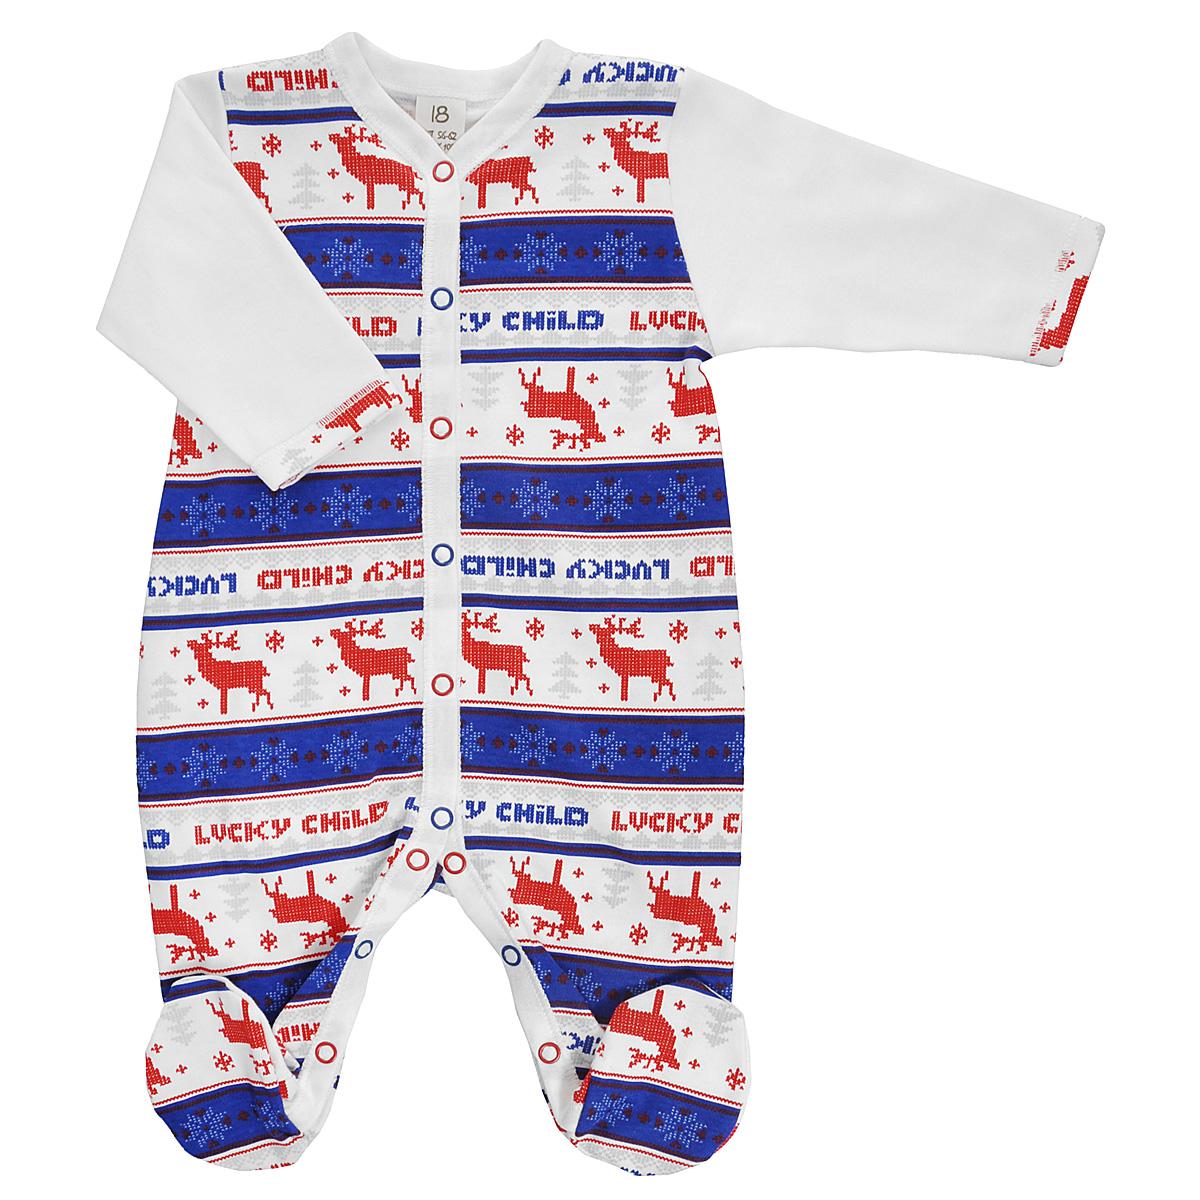 Комбинезон домашний10-1_легкийДетский комбинезон Lucky Child Скандинавия - очень удобный и практичный вид одежды для малышей. Комбинезон выполнен из натурального хлопка, благодаря чему он необычайно мягкий и приятный на ощупь, не раздражает нежную кожу ребенка и хорошо вентилируется, а эластичные швы приятны телу малыша и не препятствуют его движениям. Комбинезон с длинными рукавами и закрытыми ножками имеет застежки-кнопки от горловины до щиколоток, которые помогают легко переодеть младенца или сменить подгузник. Оформлена модель модным скандинавским принтом. С детским комбинезоном Lucky Child спинка и ножки вашего малыша всегда будут в тепле, он идеален для использования днем и незаменим ночью. Комбинезон полностью соответствует особенностям жизни младенца в ранний период, не стесняя и не ограничивая его в движениях!